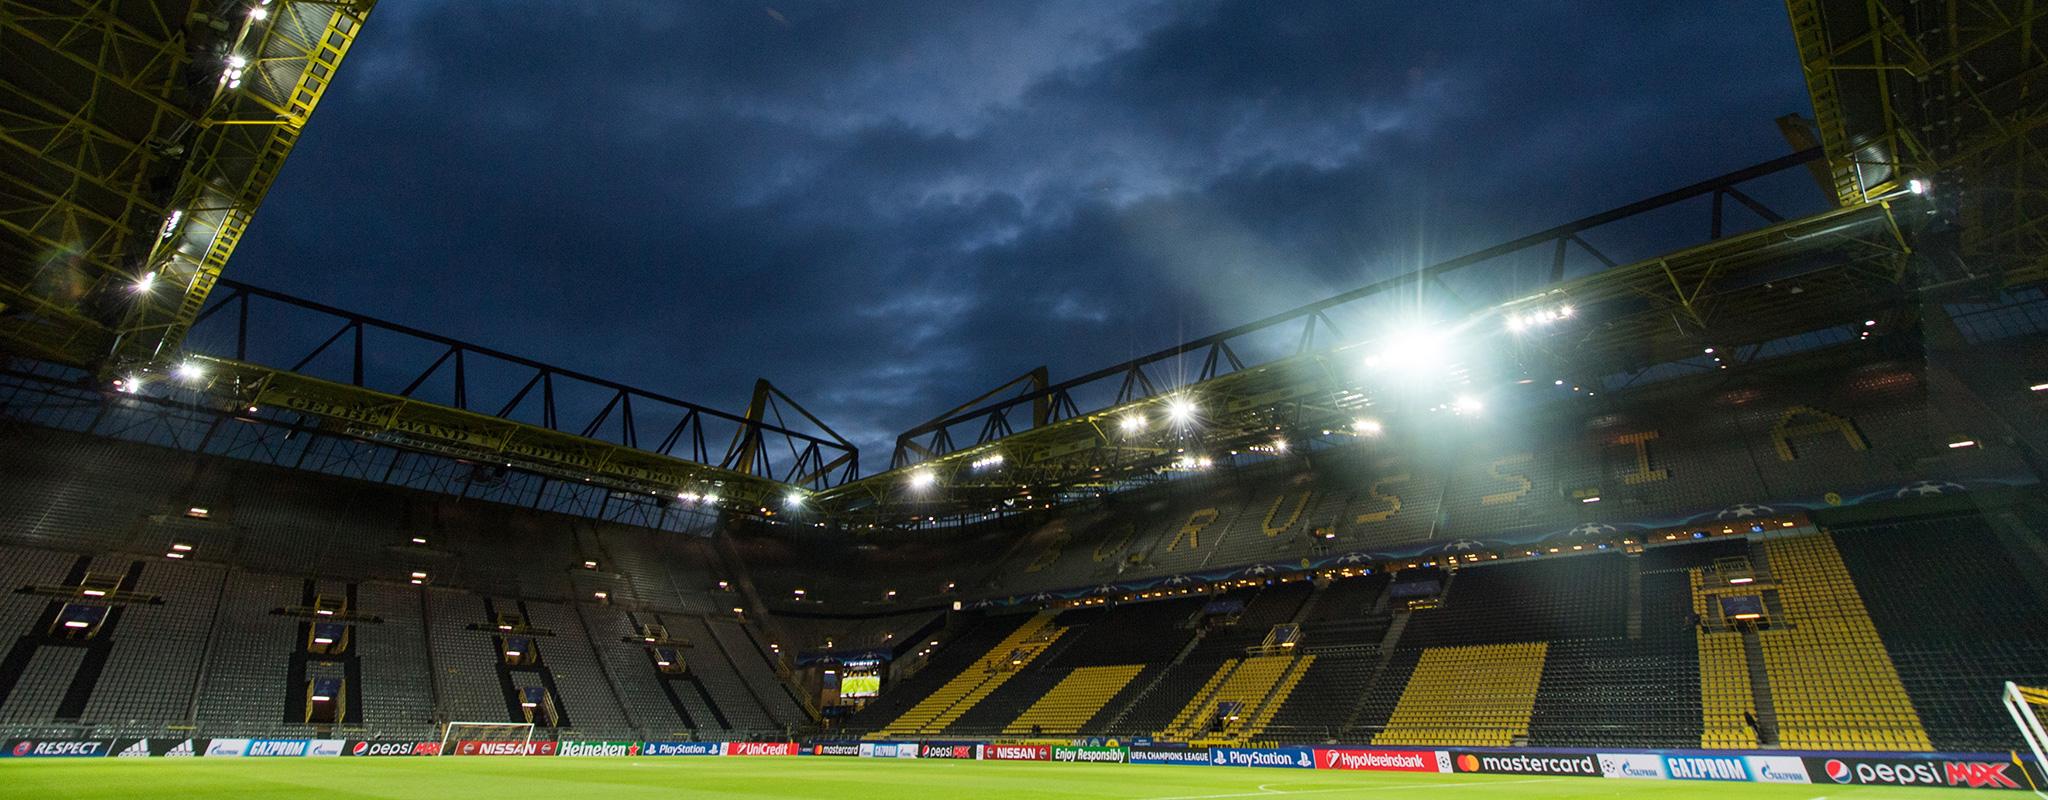 Dortmund v Atalanta background   EU Prime Time Football 2048x800